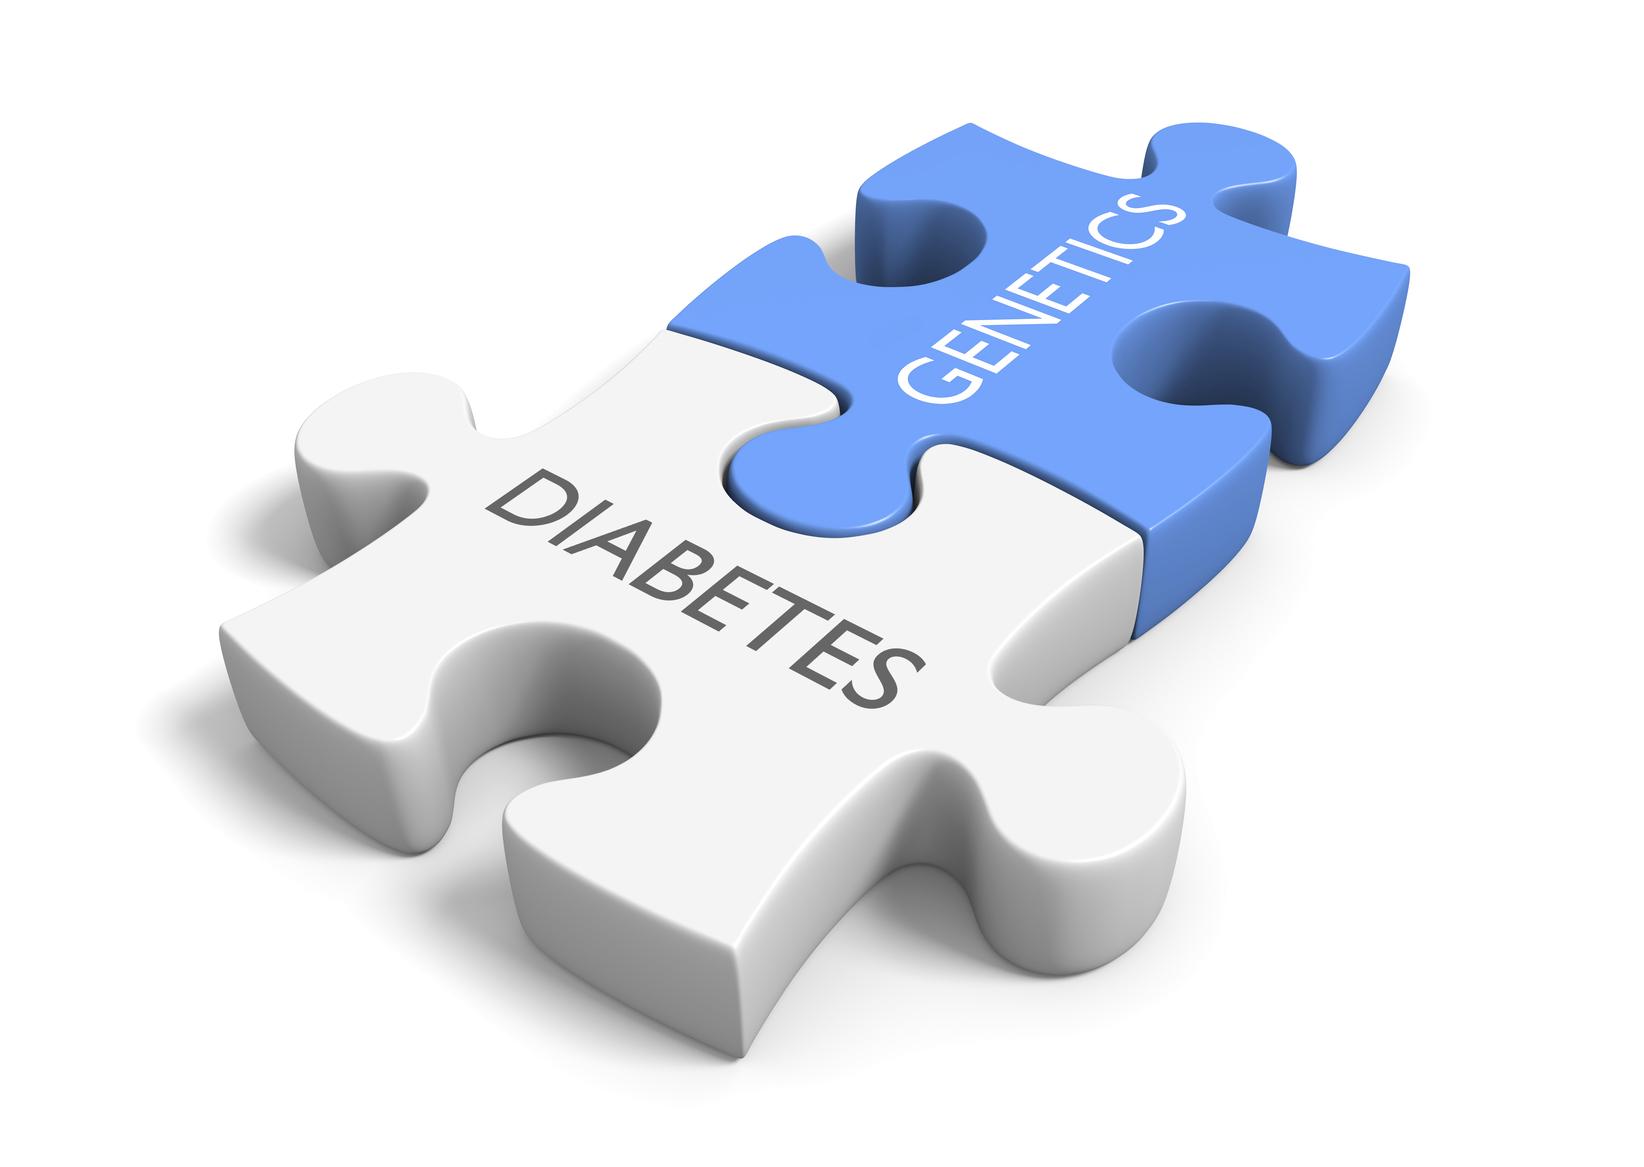 Link between genetics and diabetes. (stock image)